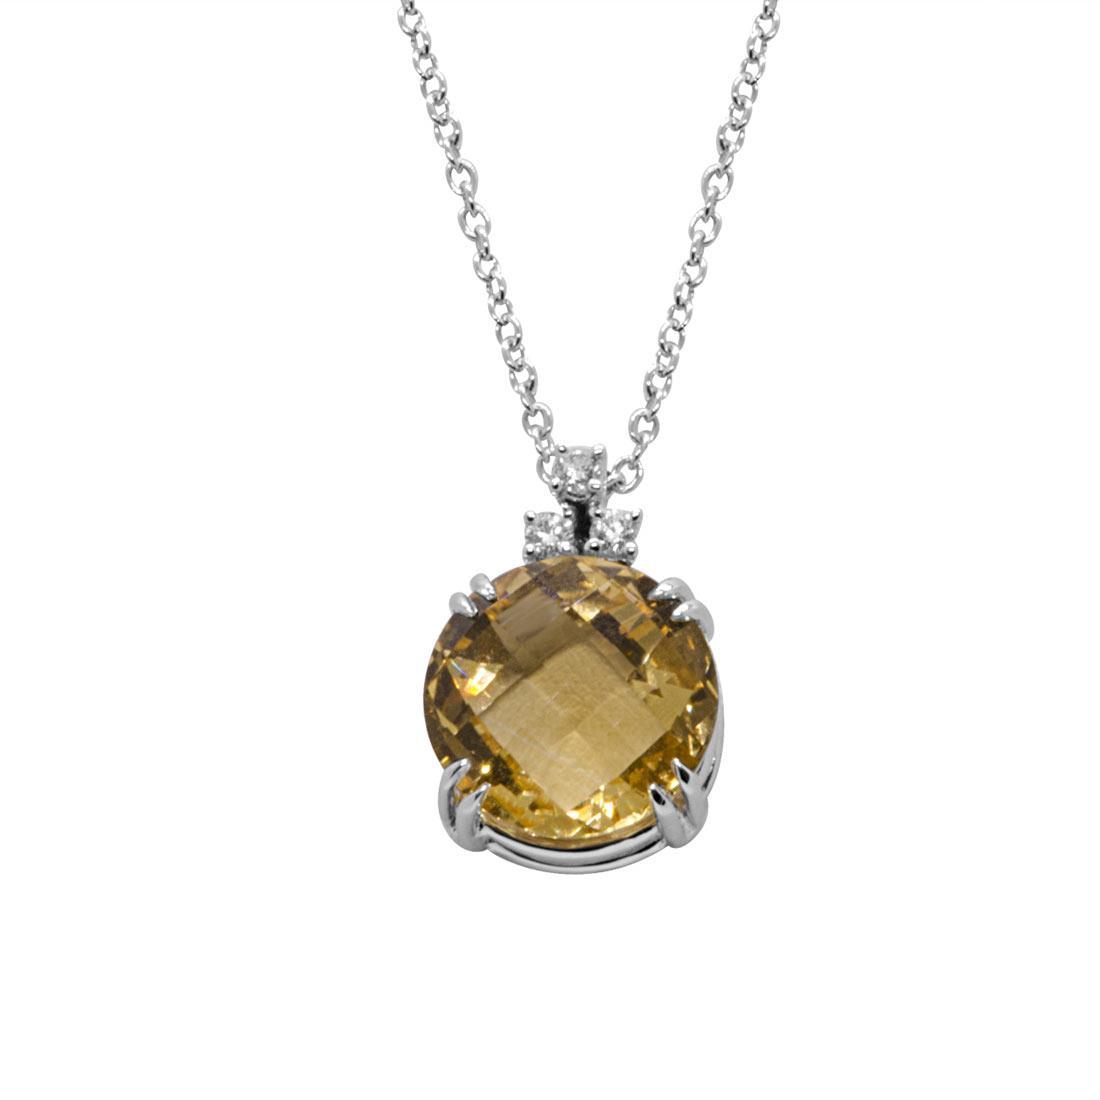 Collana in oro bianco con pietra semipreziosa e diamanti - ALFIERI & ST. JOHN